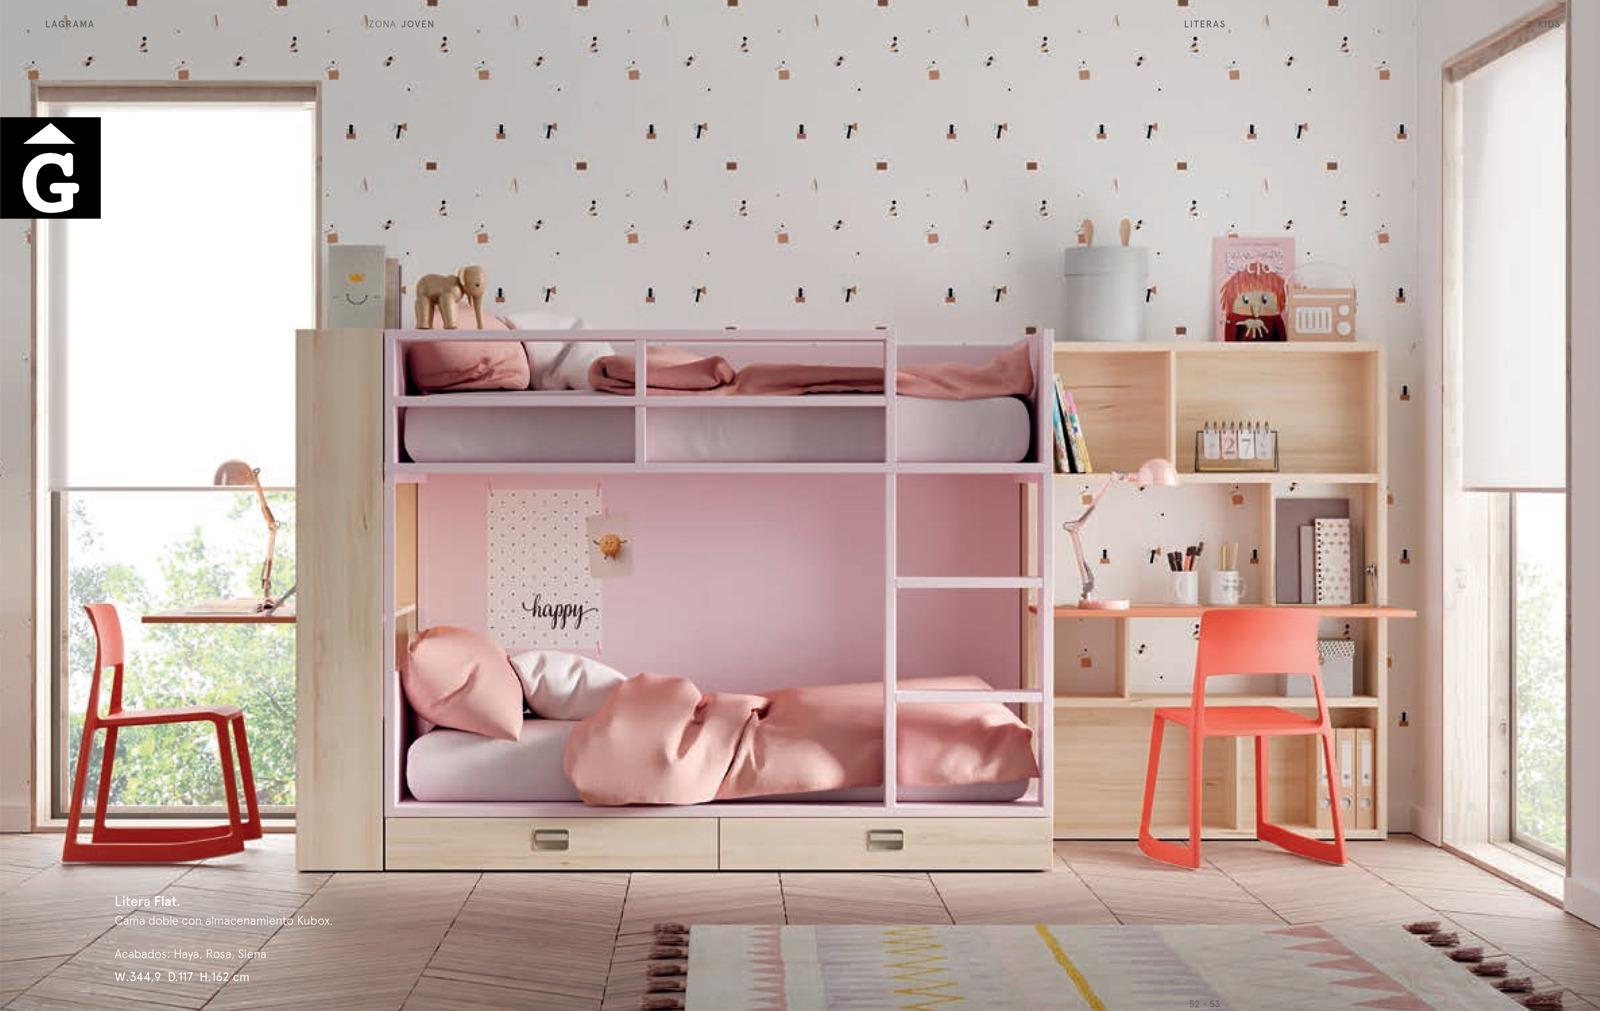 Llitera Pink | Habitació Juvenil I lagrama | mobles Gifreu